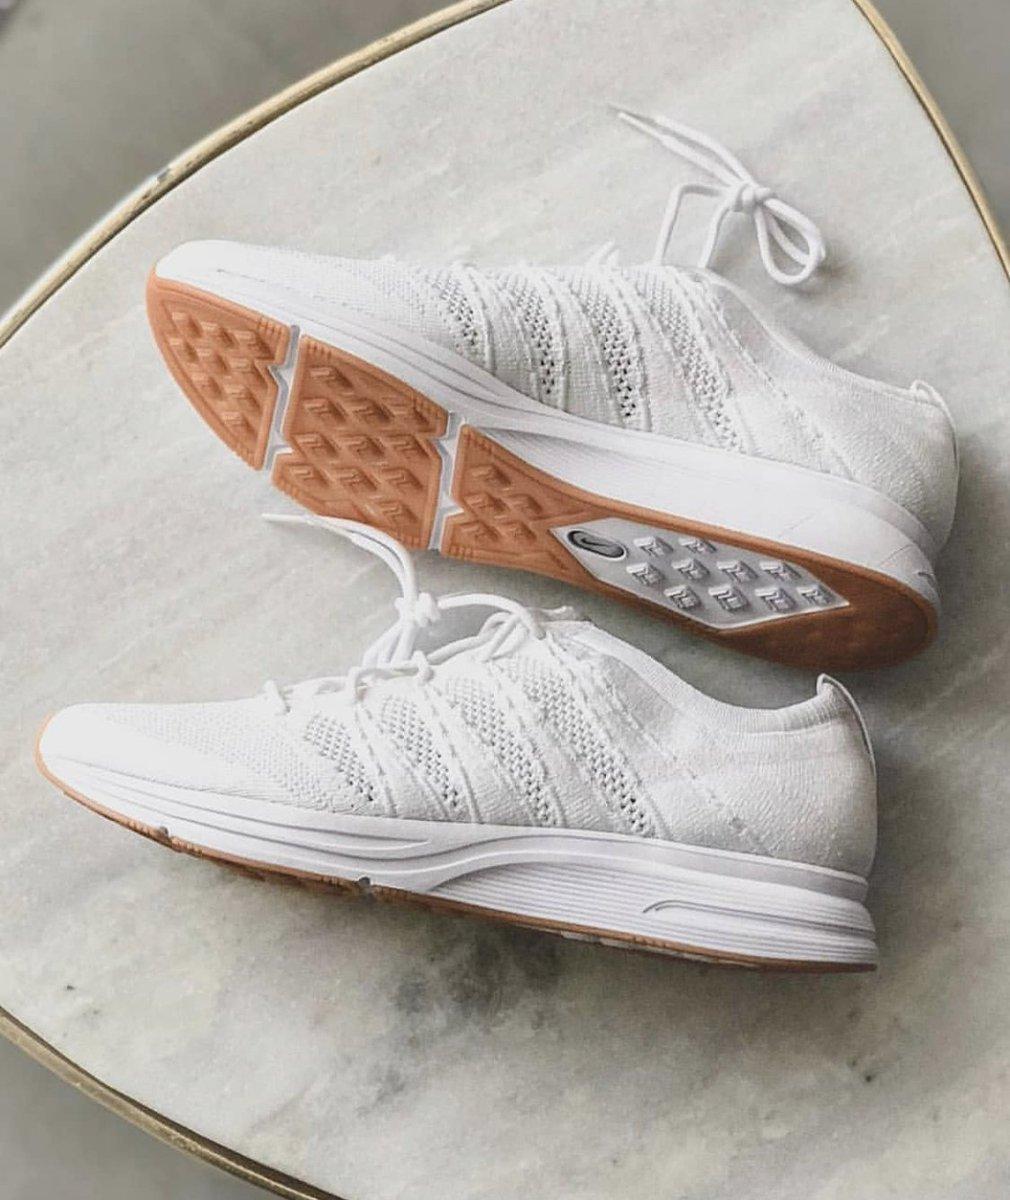 76e9d46d088e Sneaker Shouts™ on Twitter